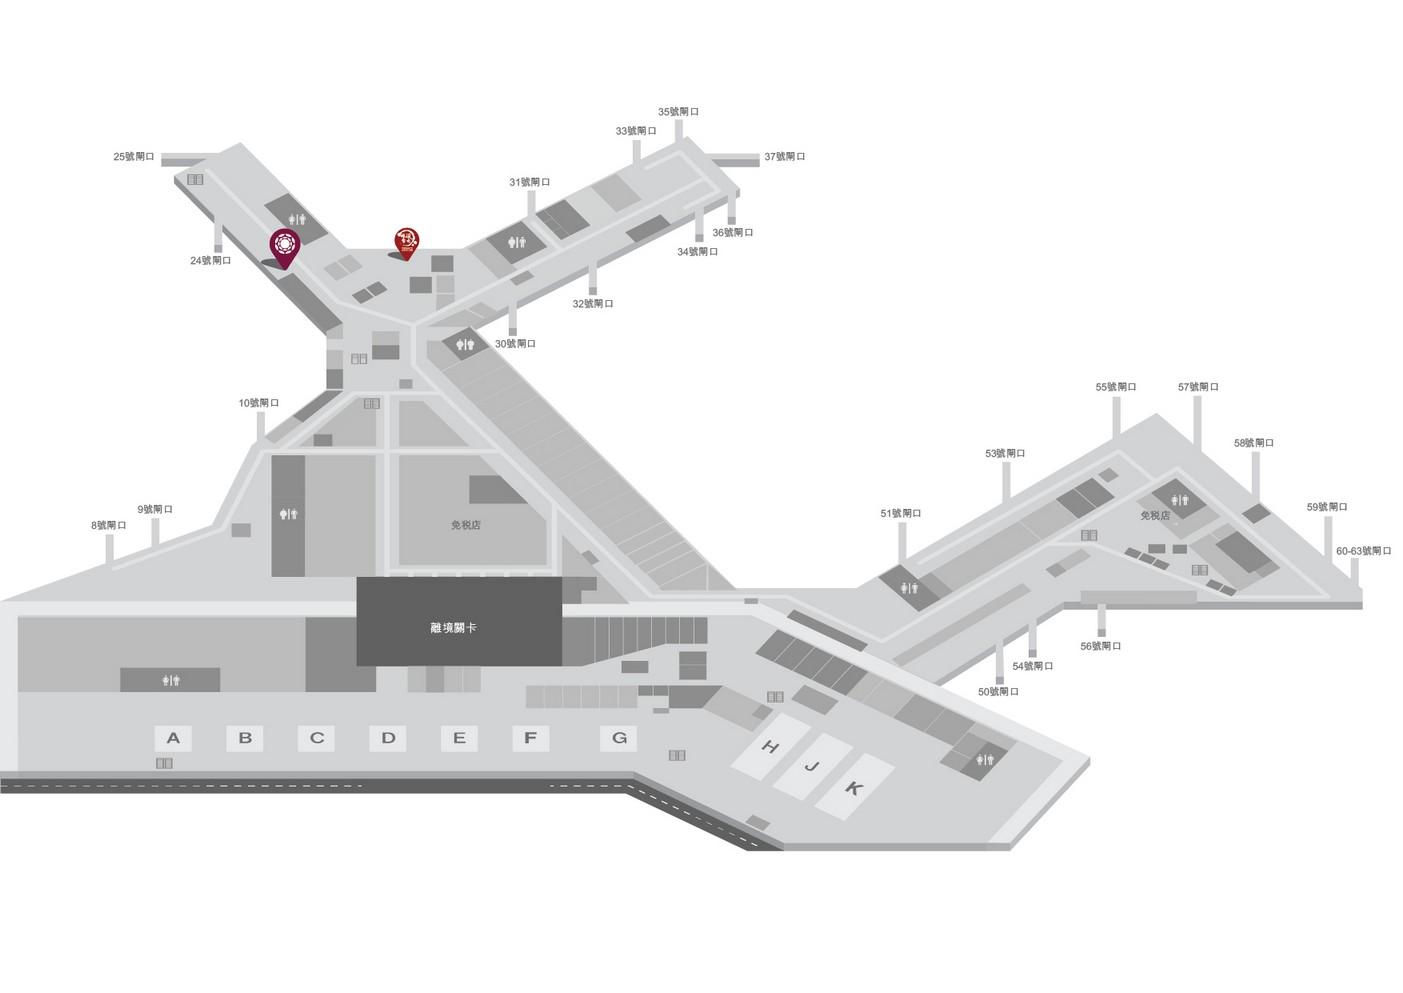 環亞機場貴賓室 | 全球最大獨立機場貴賓室服務網路 | 由環亞經營之天合聯盟貴賓室